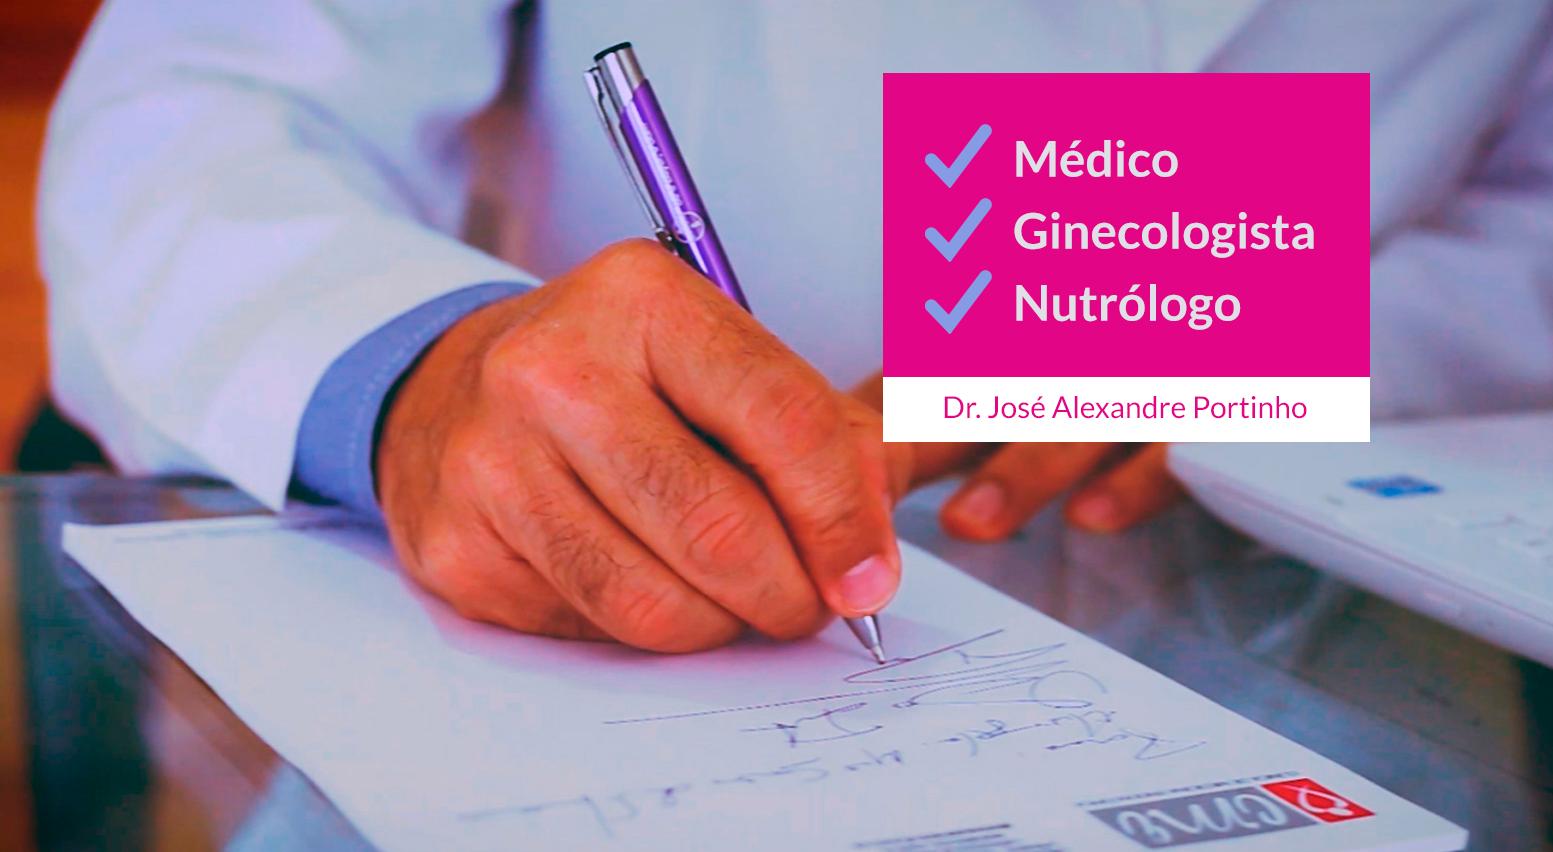 Dr. José Alexandre Portinho